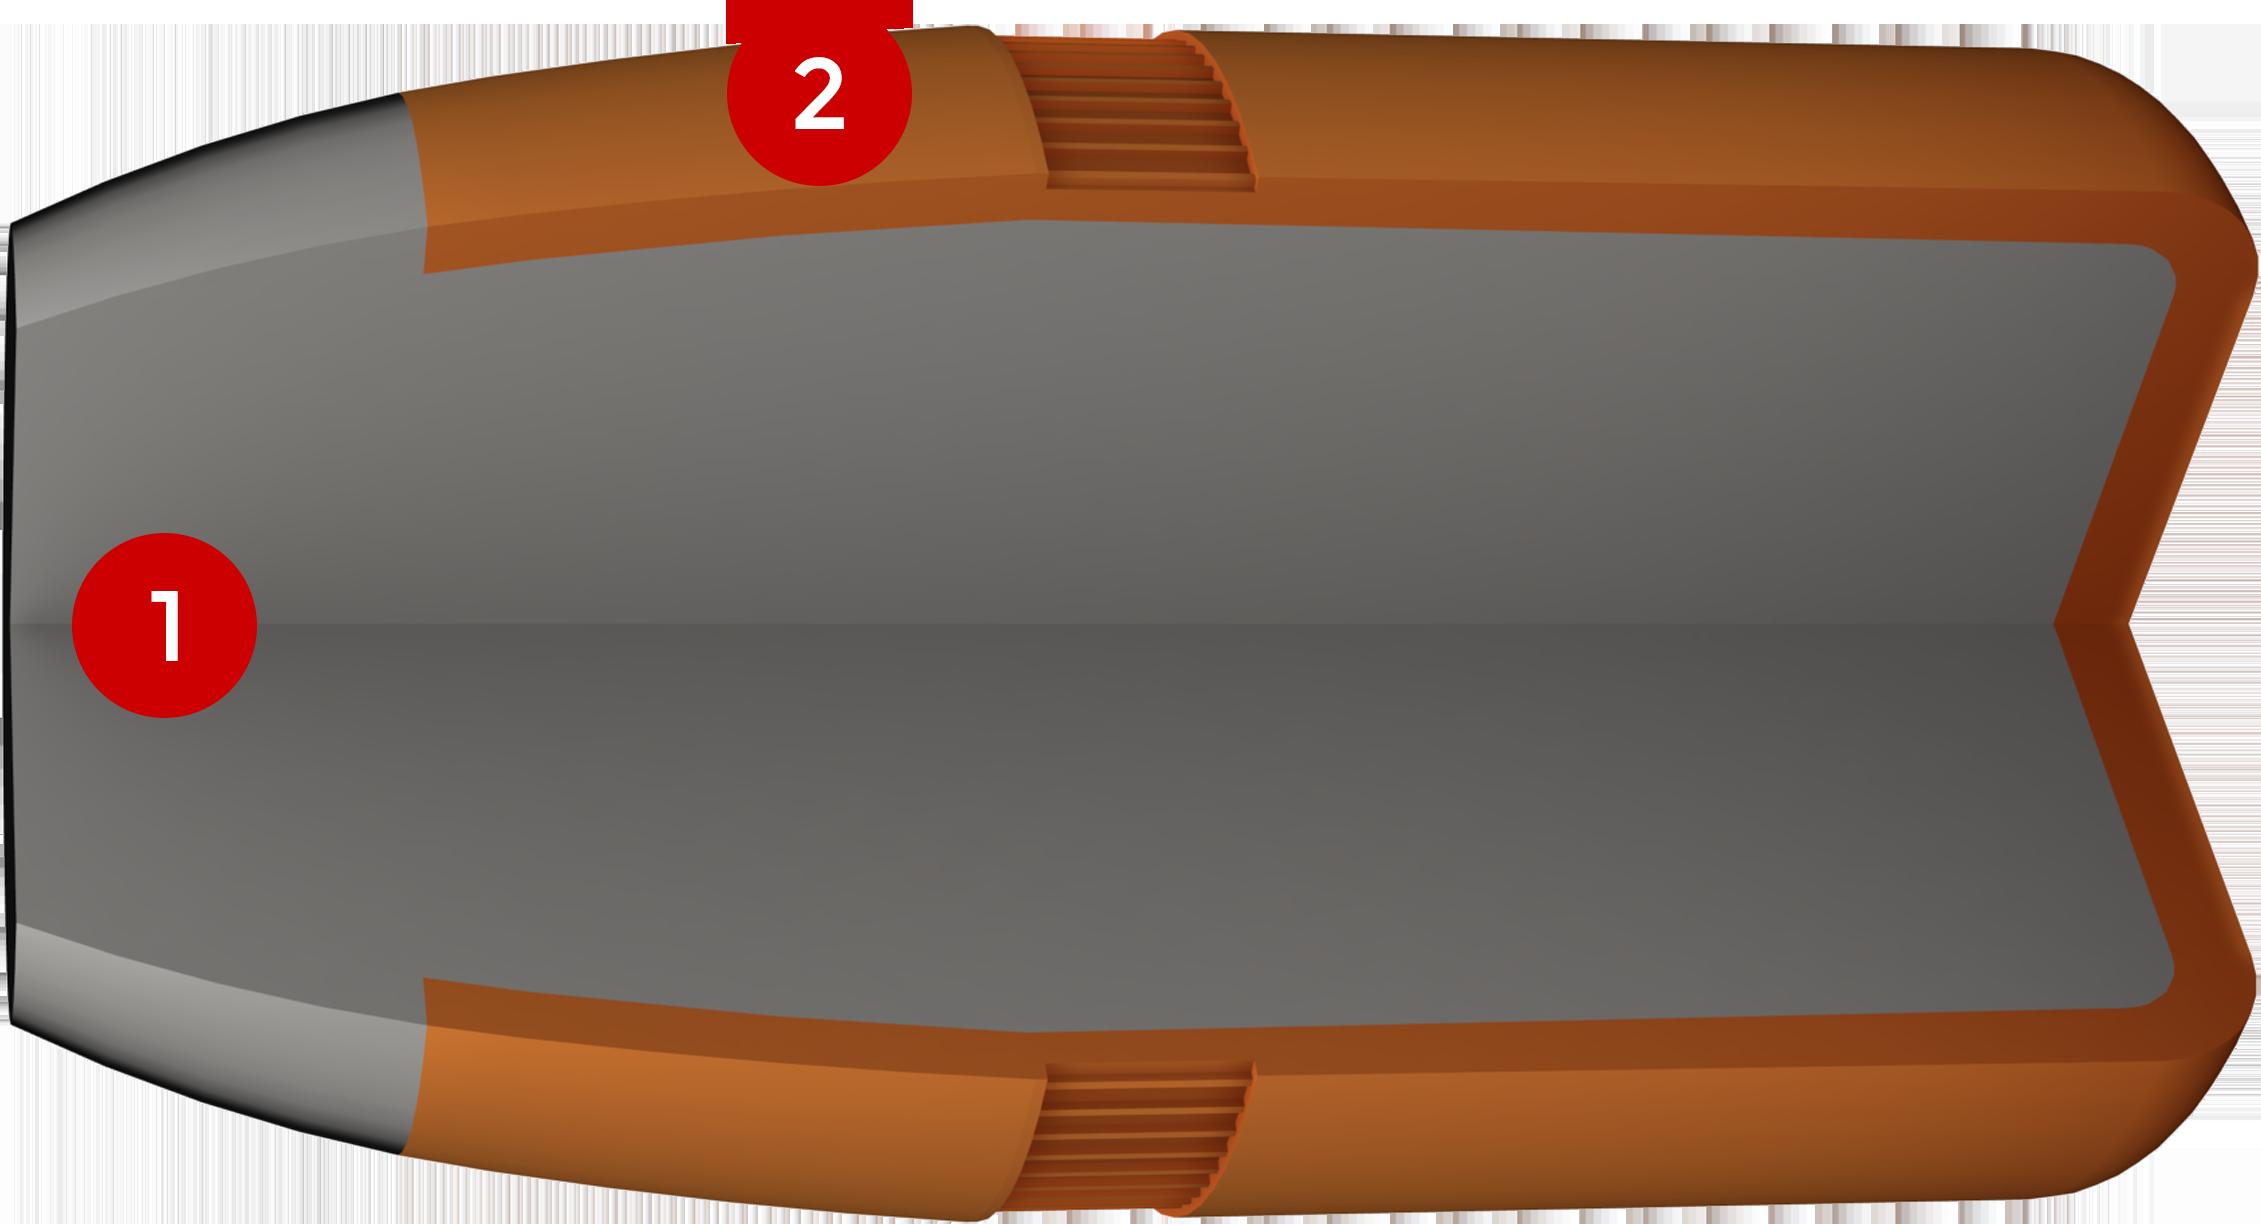 357 Magnum, 158 Grain Features